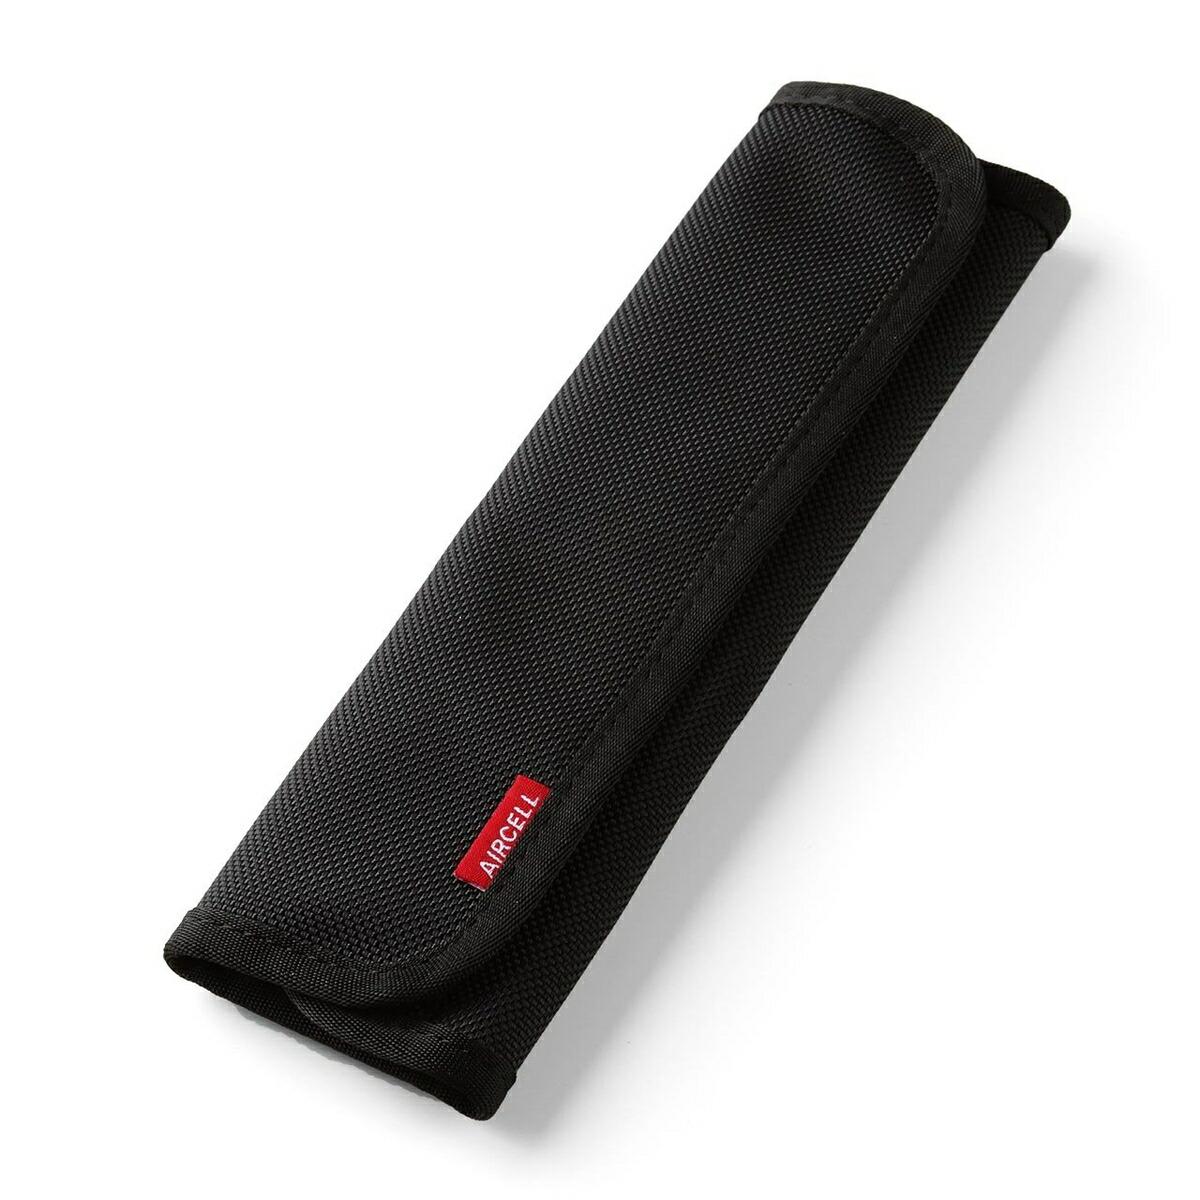 200-BELT009 サンワダイレクト限定品 ネコポス対応 ショルダーベルトパッド パソコンバッグ用 18個エアークッション ショルダーストラップ 肩当てパッド 全店販売中 ショッピング ファブリック